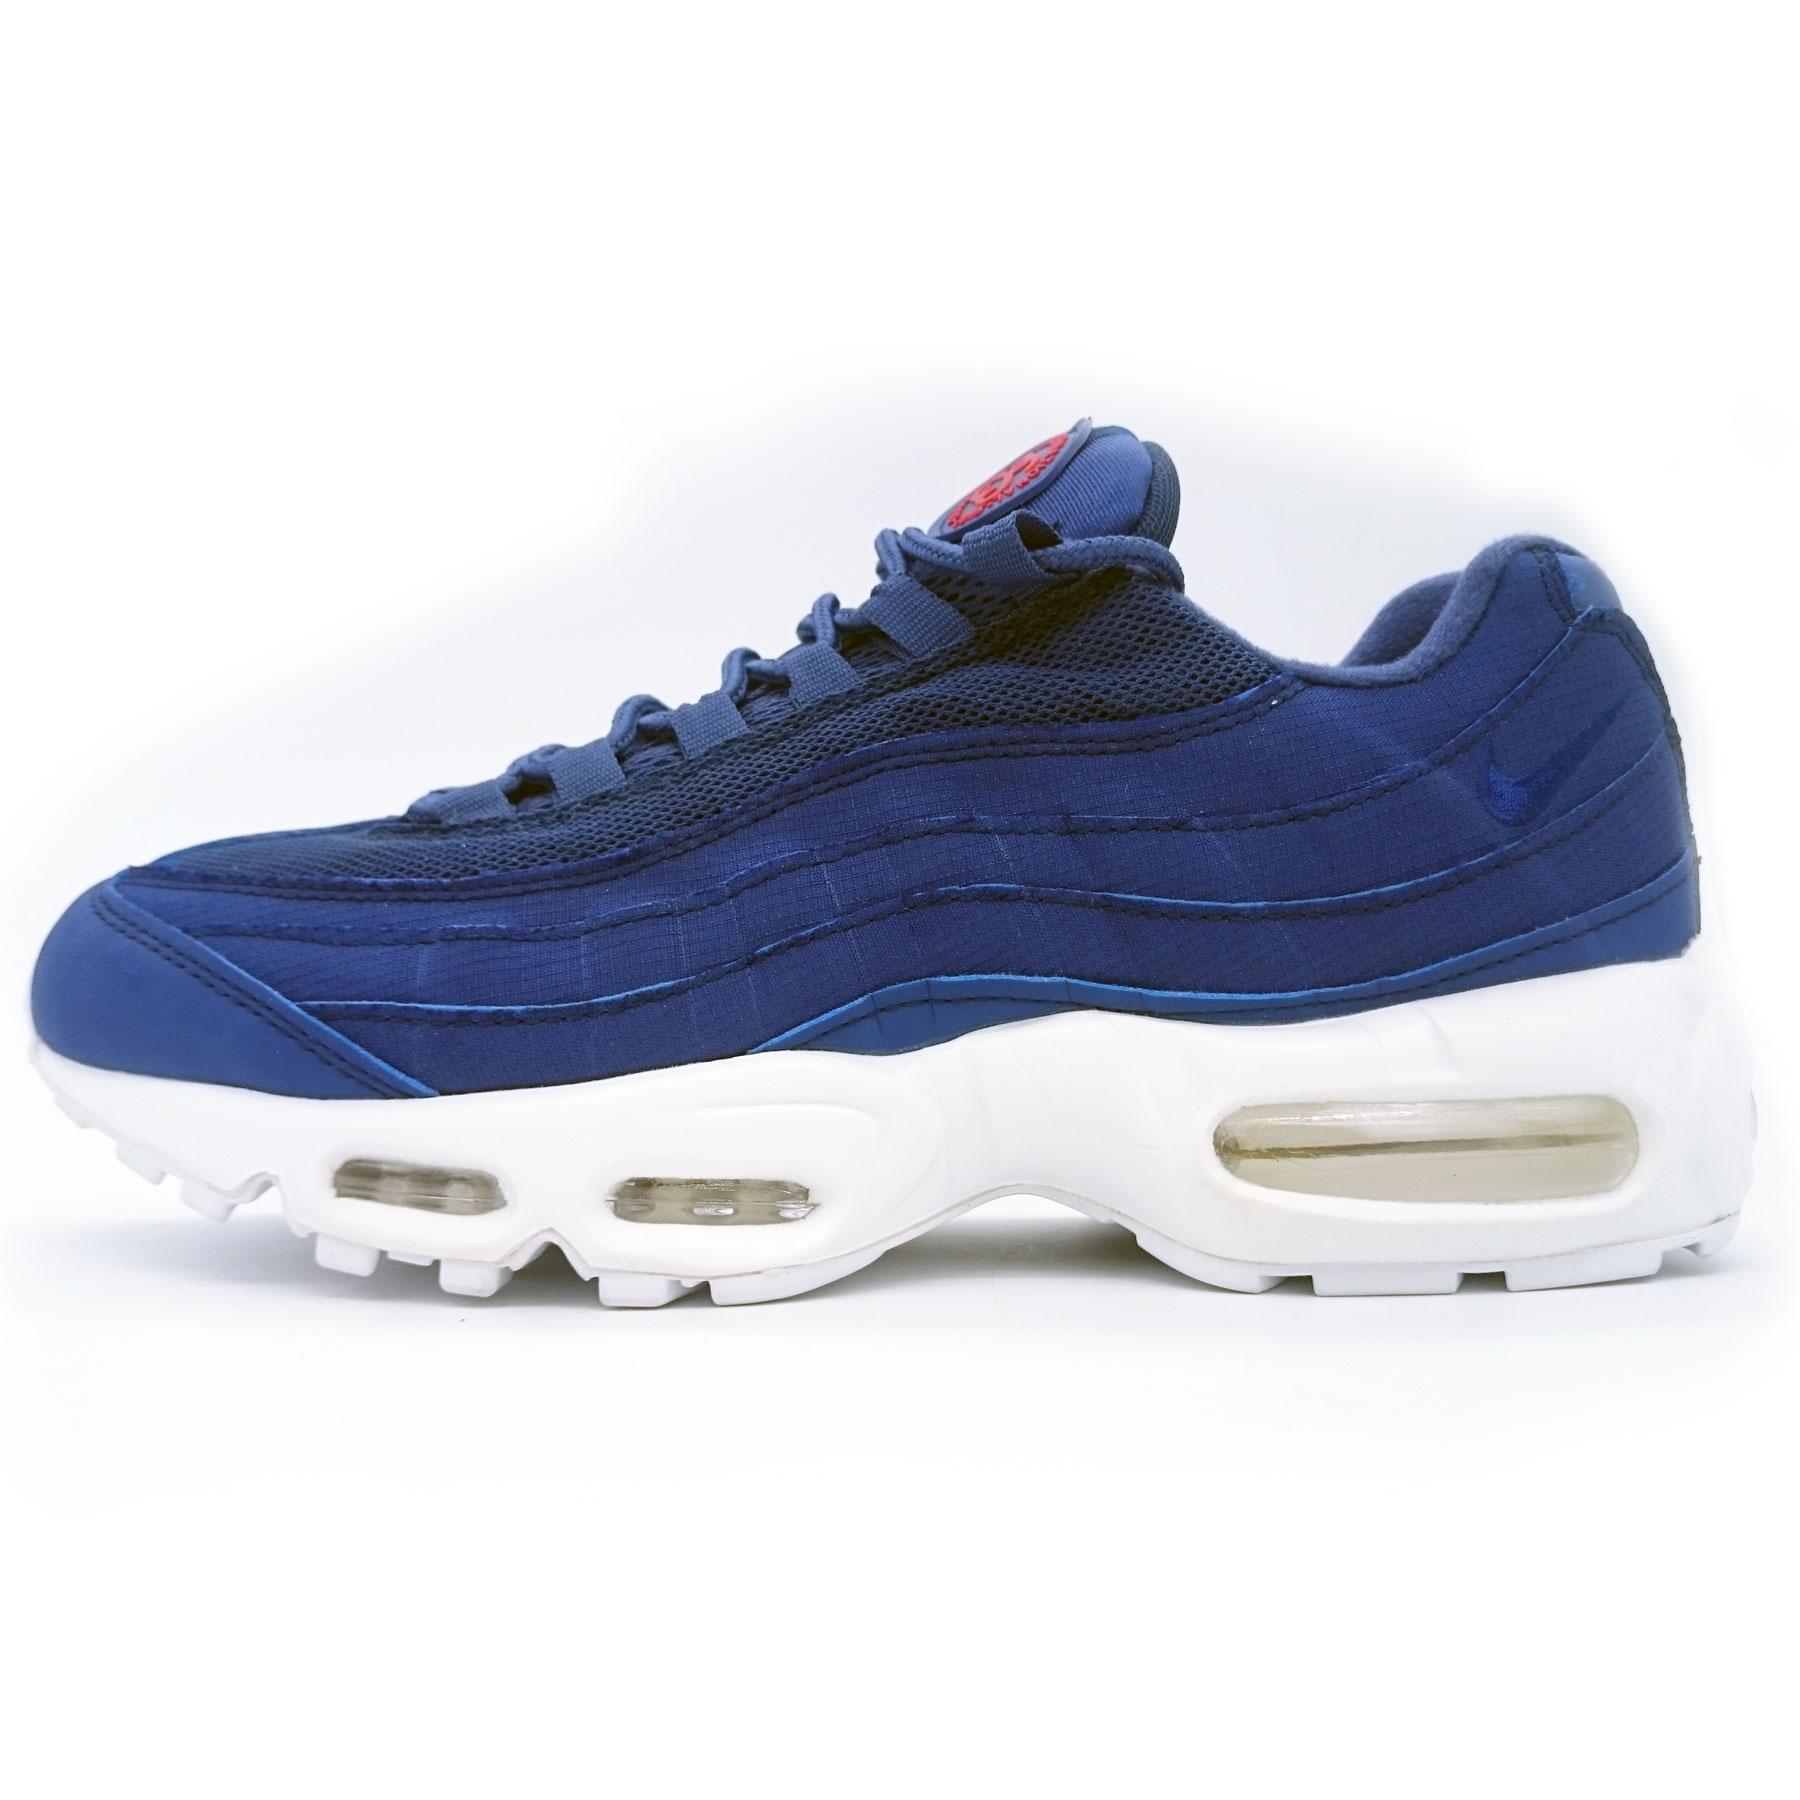 18001eb0 Мужские кроссовки Nike air max 95 Сине белые, купить аир макс 95 в ...